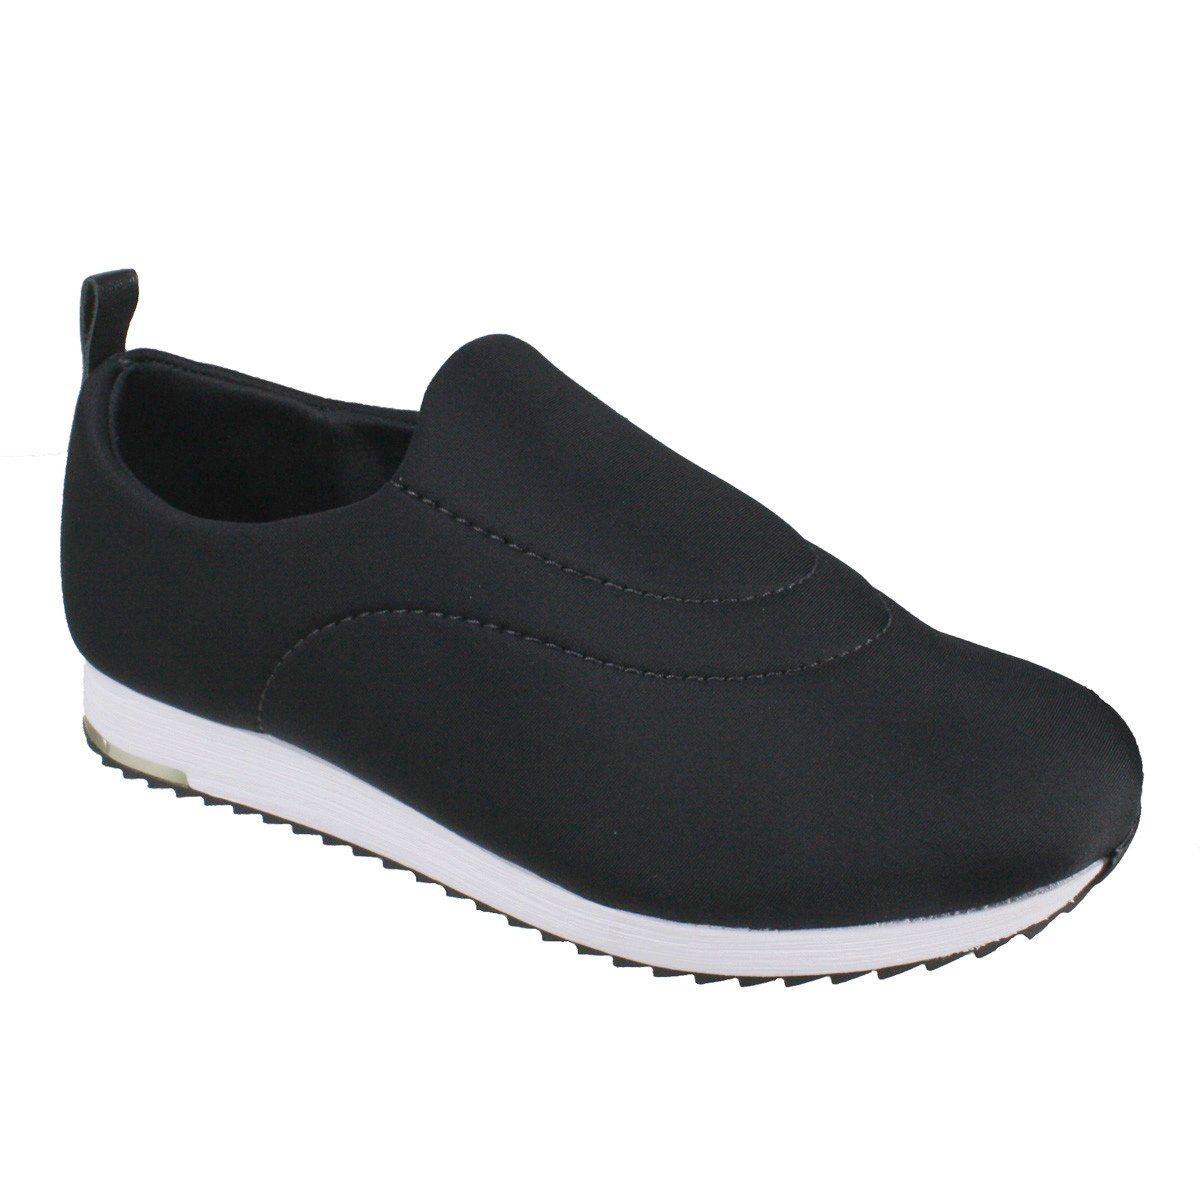 2a6856b51 Tenis Usaflex Tecido Lycra Ortopedico - V9103 - Celeste Calçados